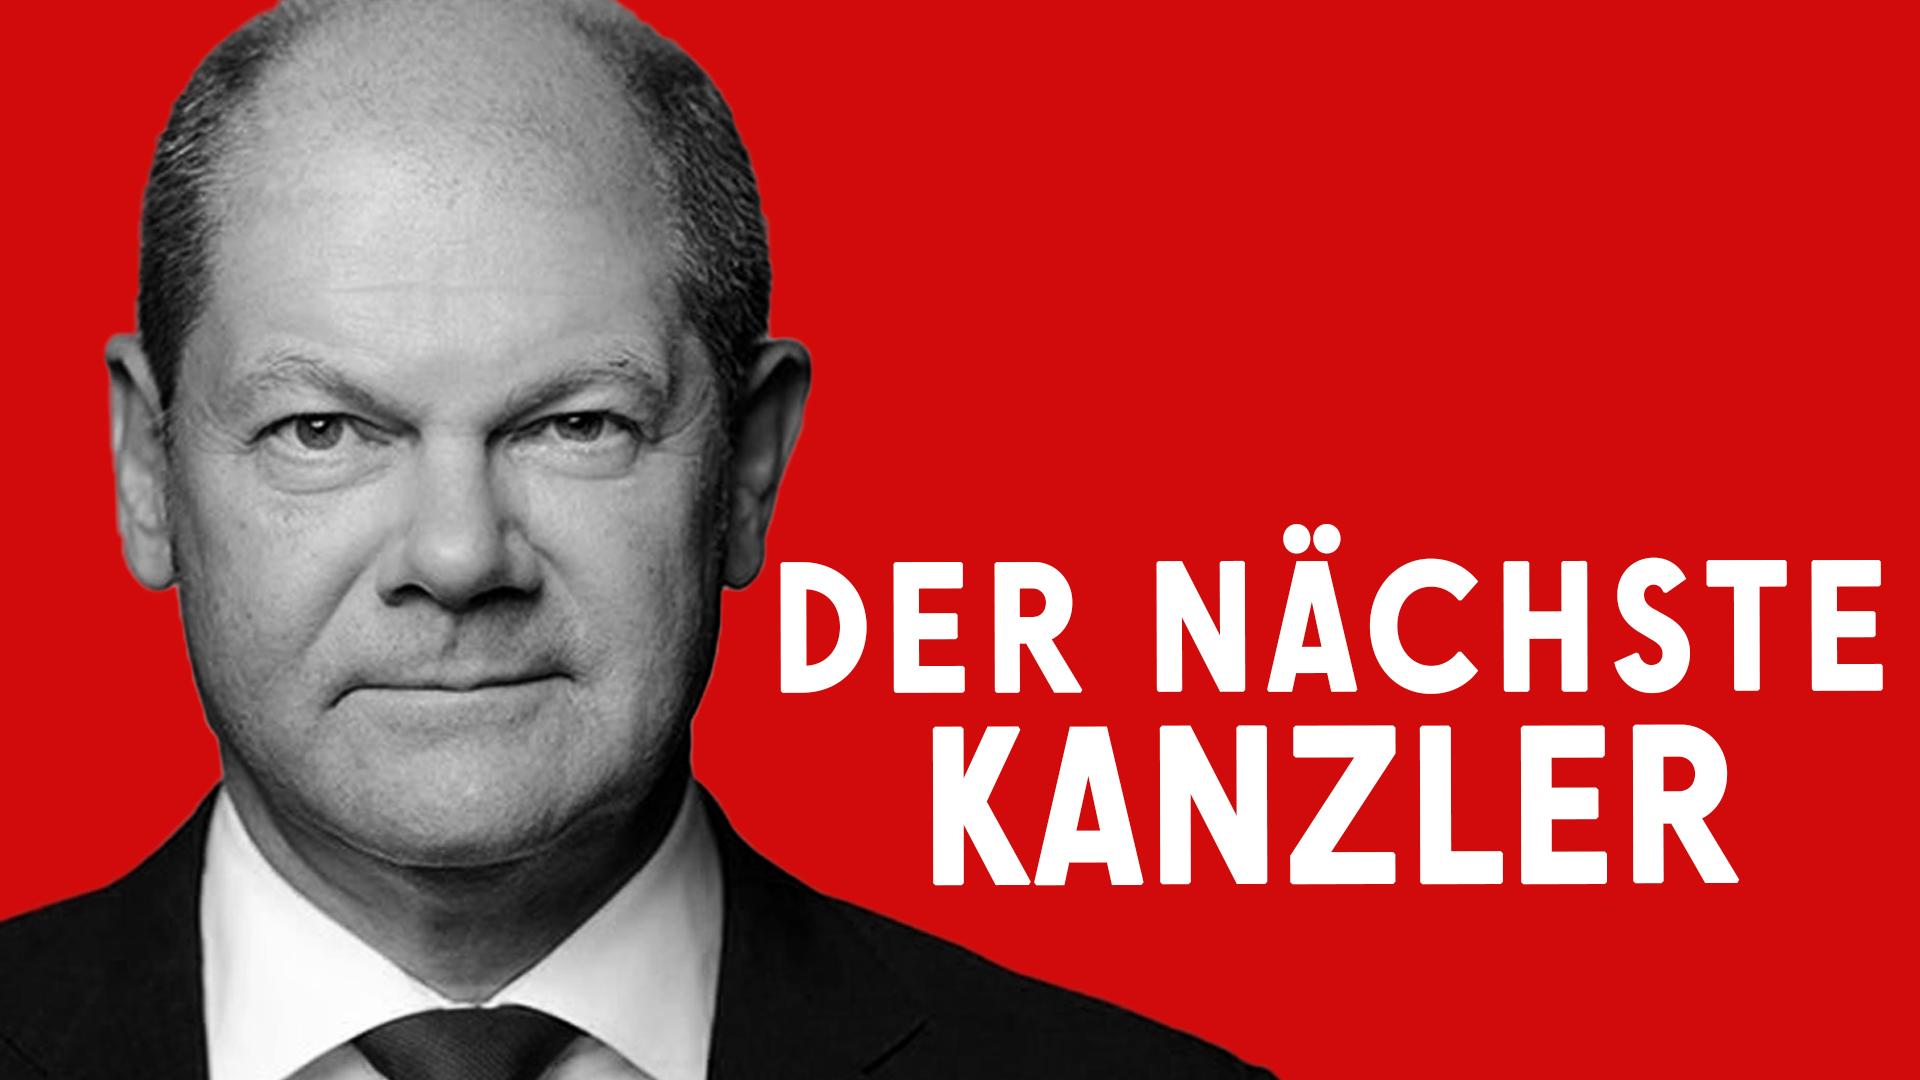 Ampel Regierung: Sozialismus, Steuern und Enteignung (Kanzler Olaf Scholz)